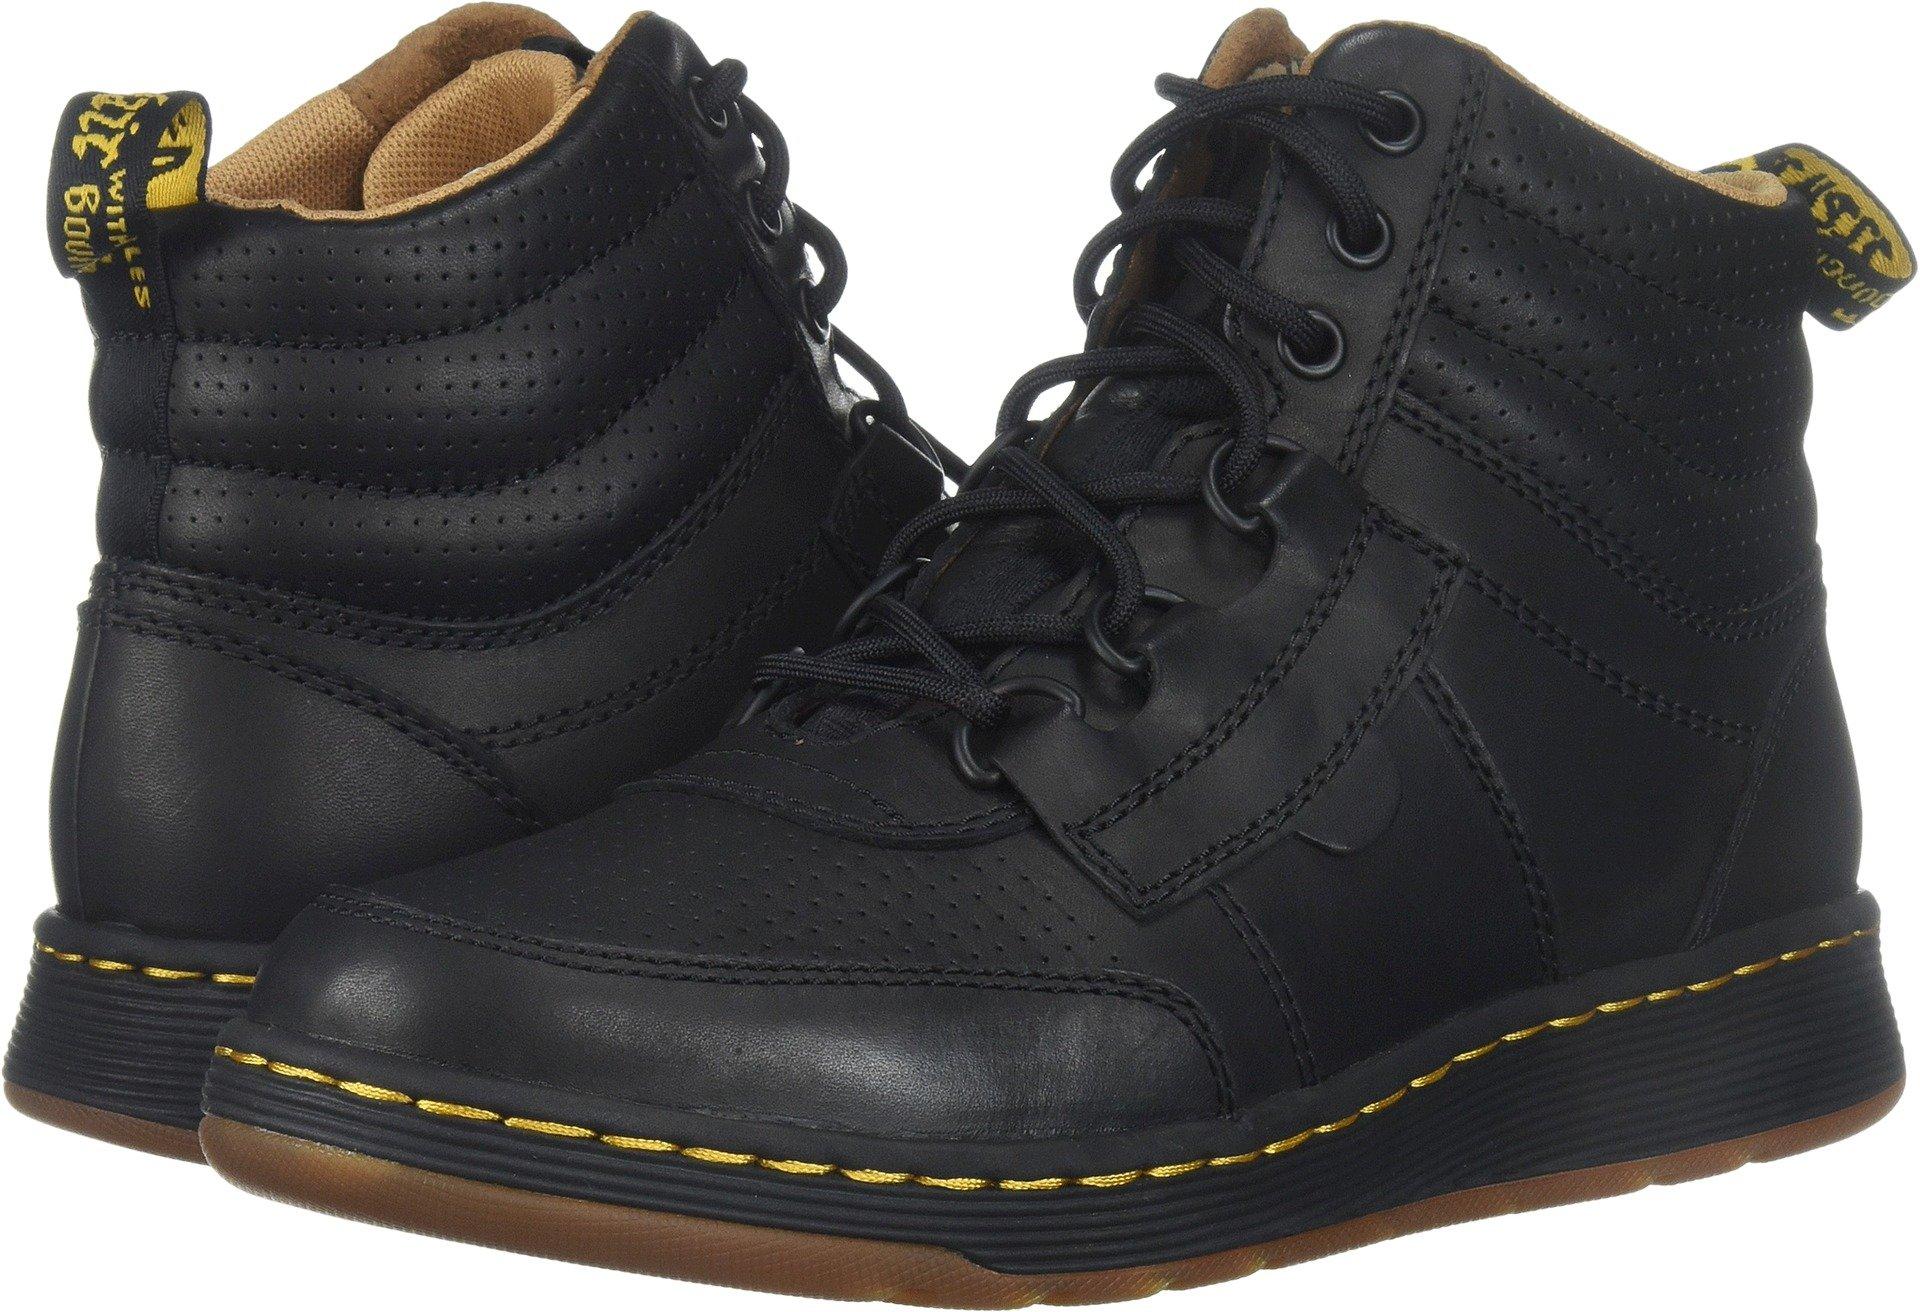 Dr. Martens Men's Derry Chukka Boot, Black Temperley, 9 Medium UK (10 US)